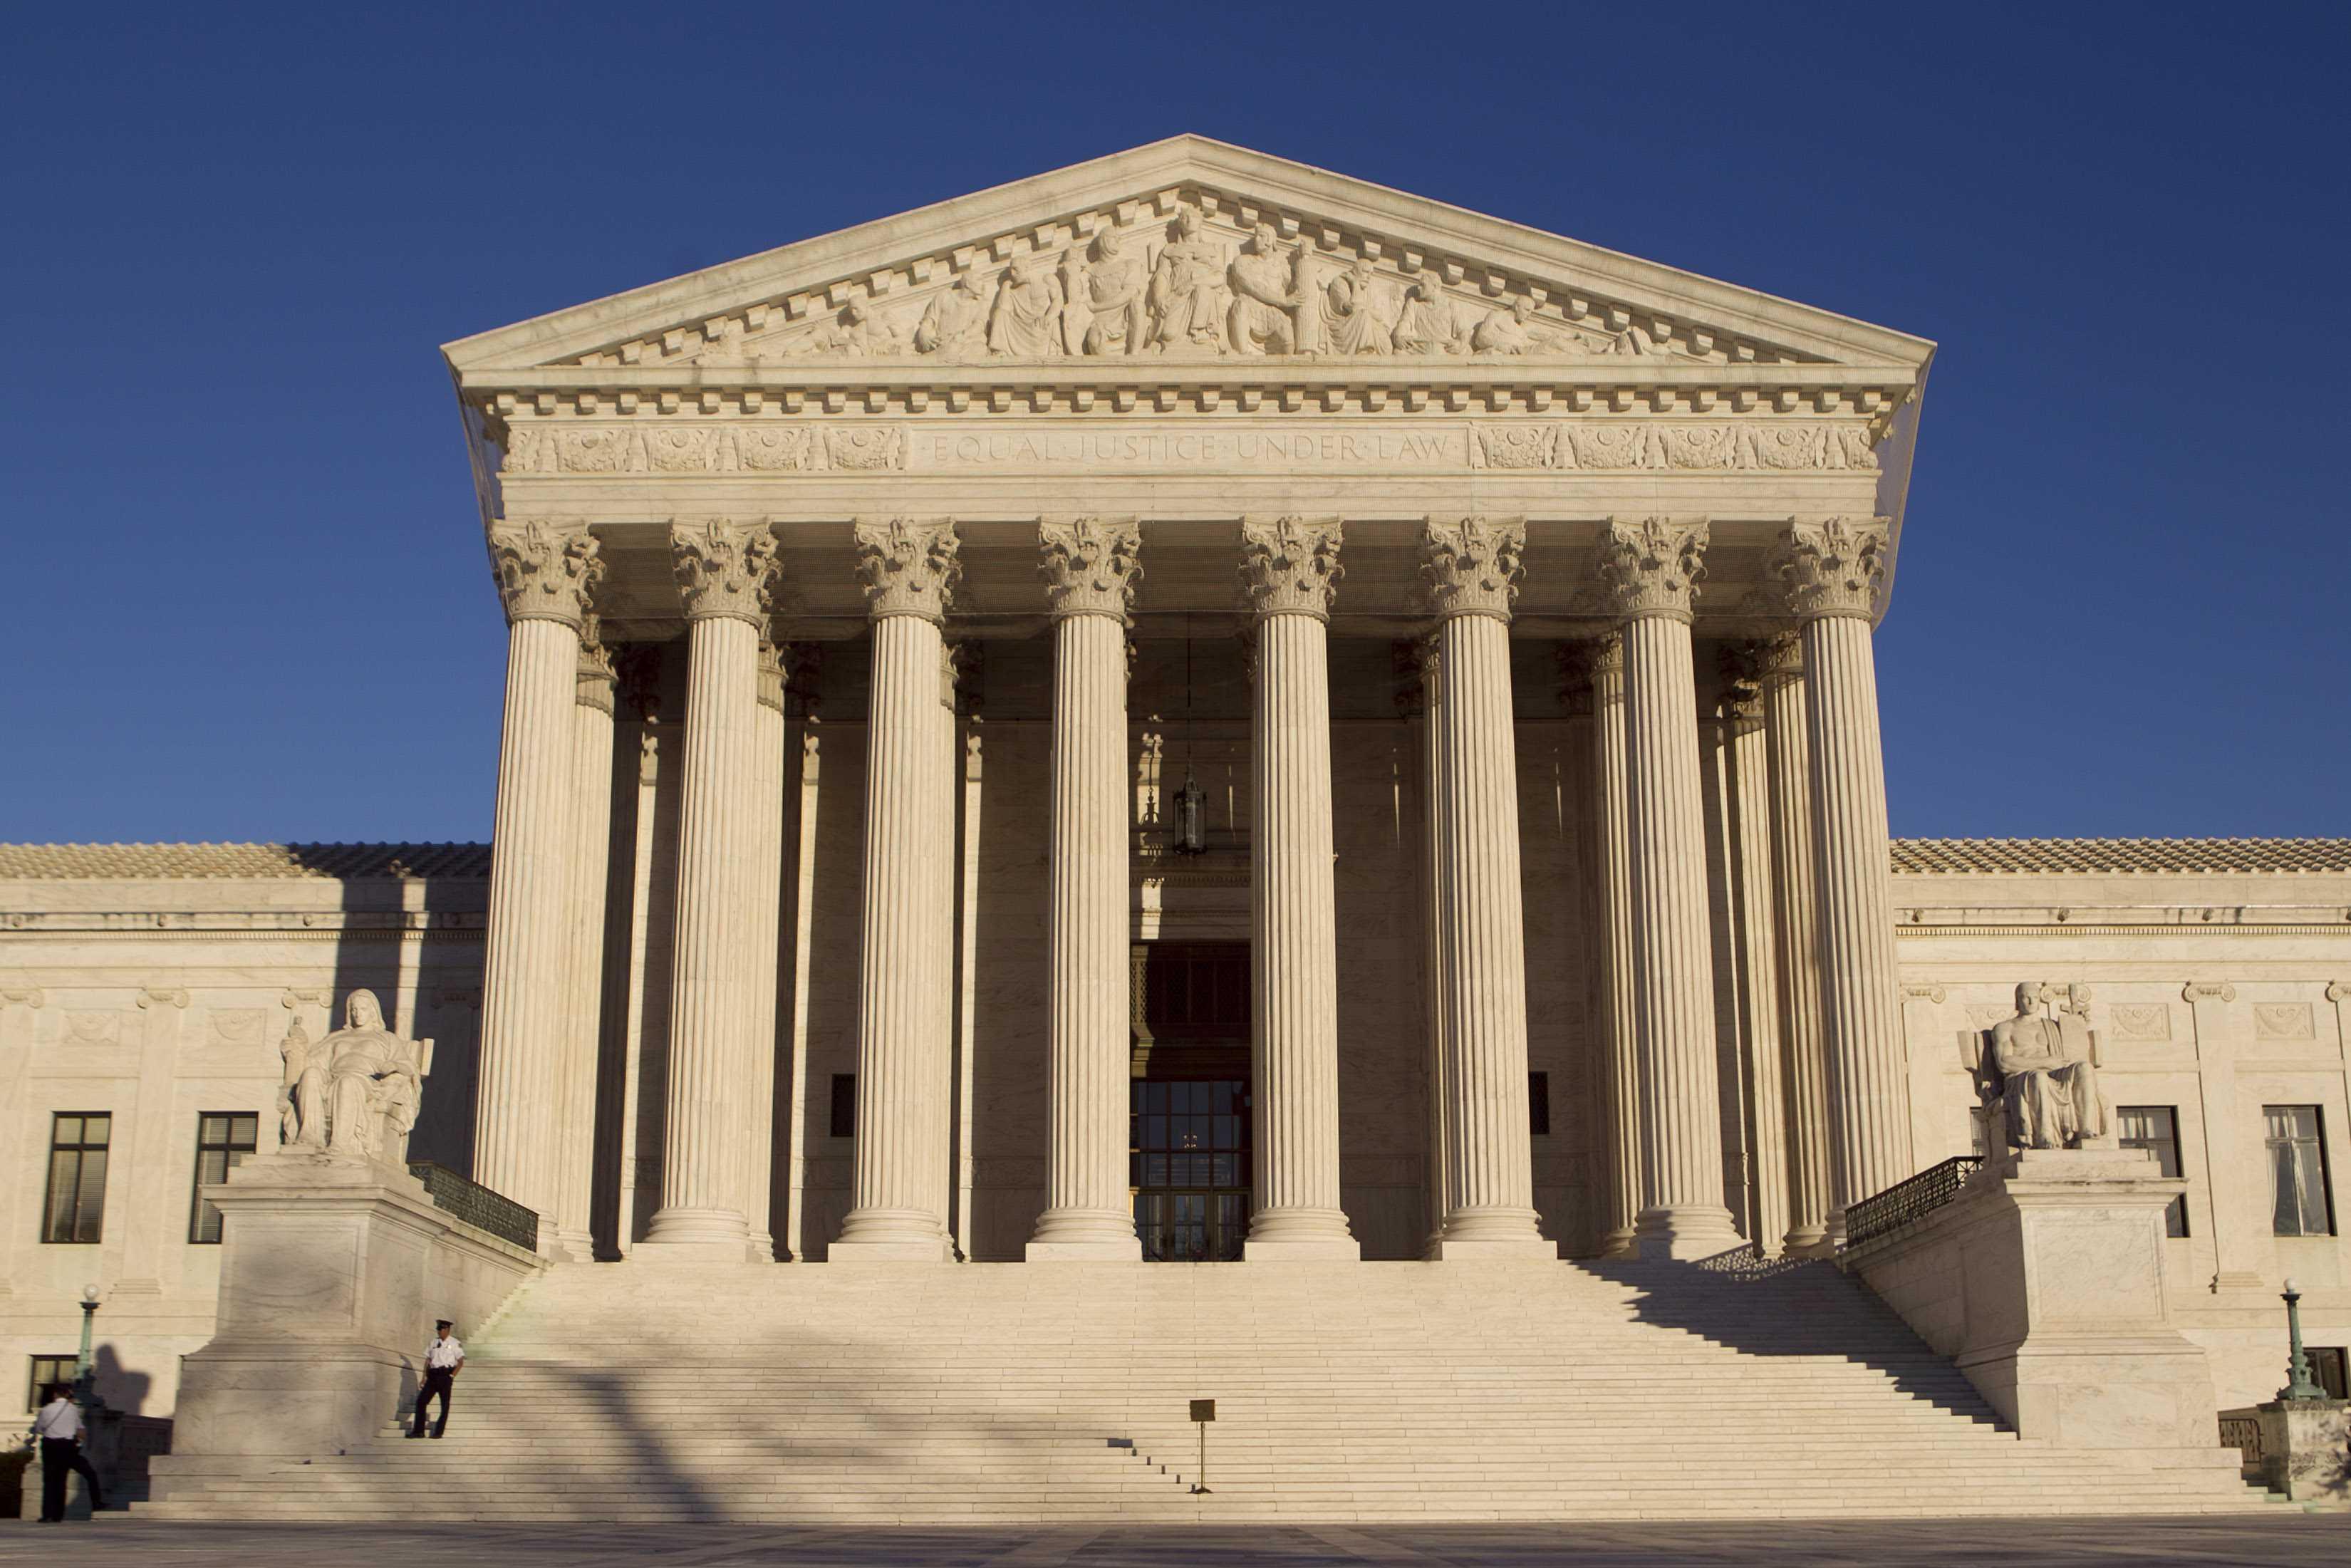 Supreme Court sets oral arguments on health care reform law